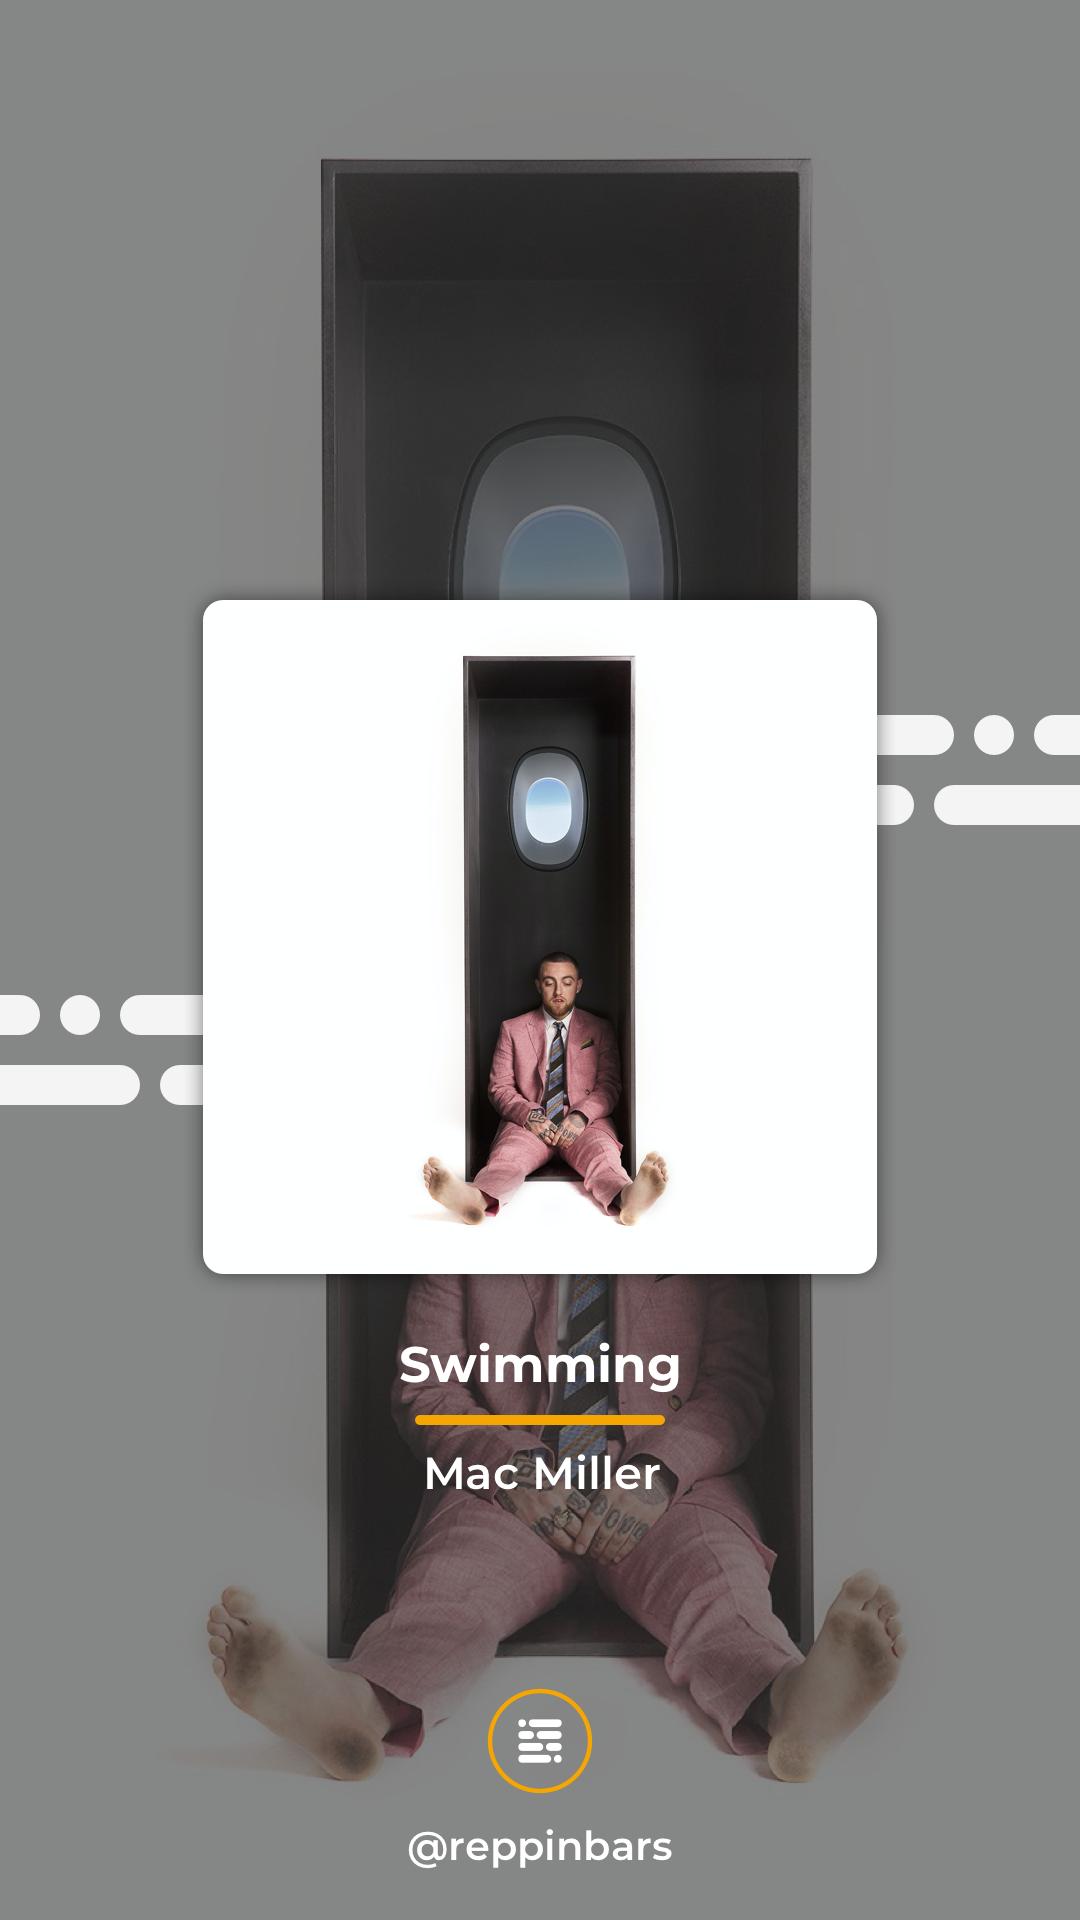 Mac Miller Swimming Wallpaper In 2020